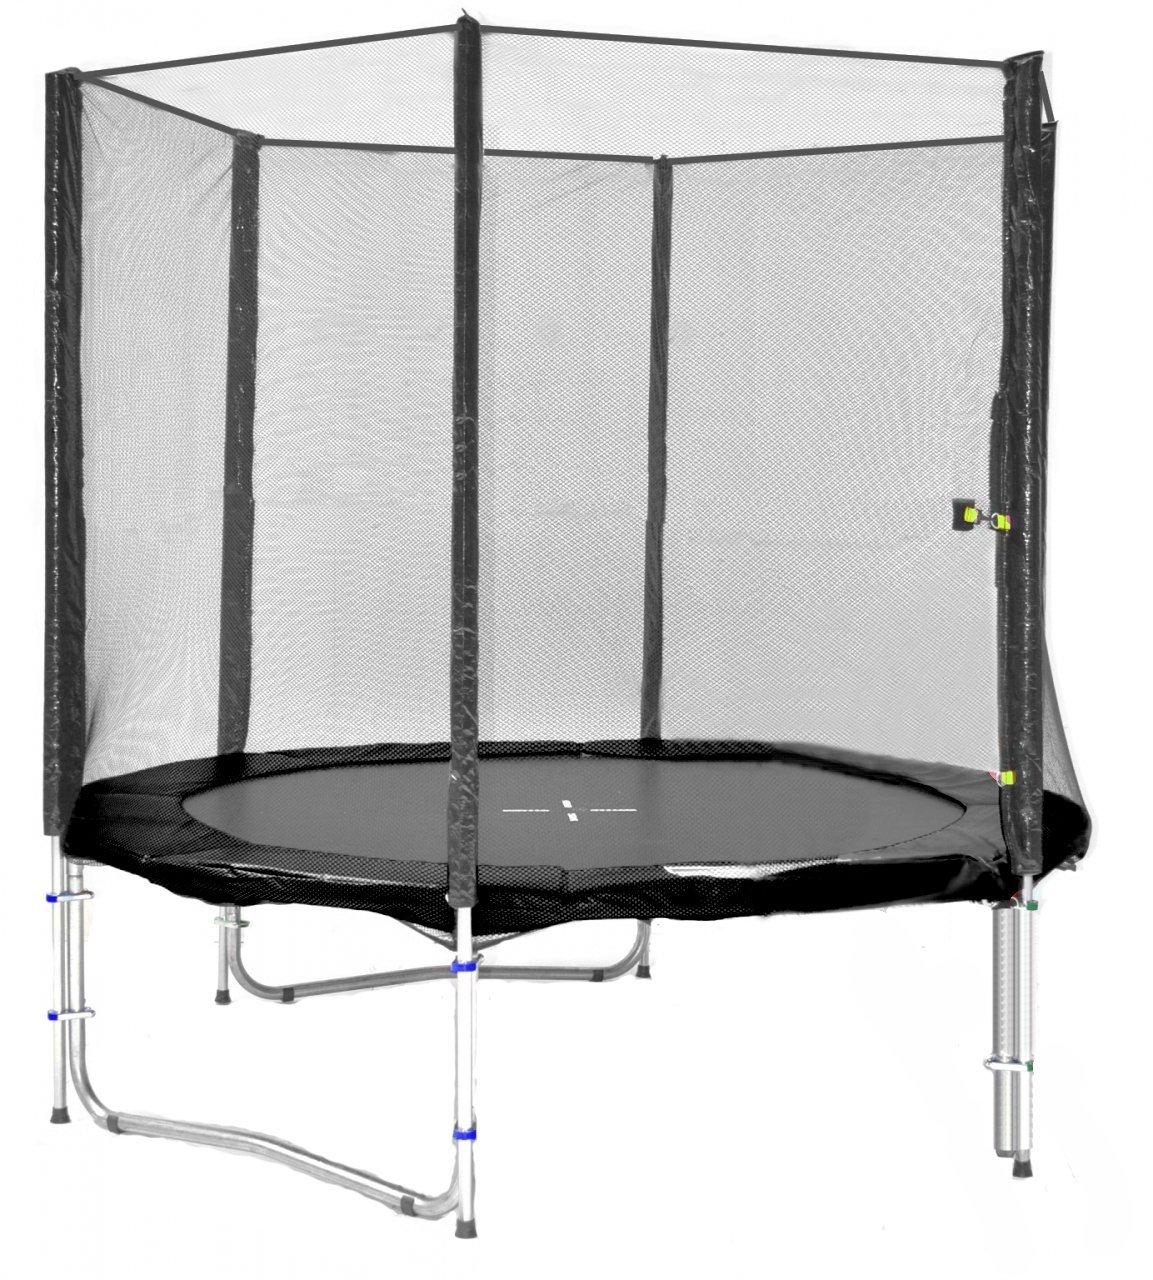 SB-185-S Professionell Gartentrampolin 185cm incl. Netz,Leiter 90kg Traglast bestellen